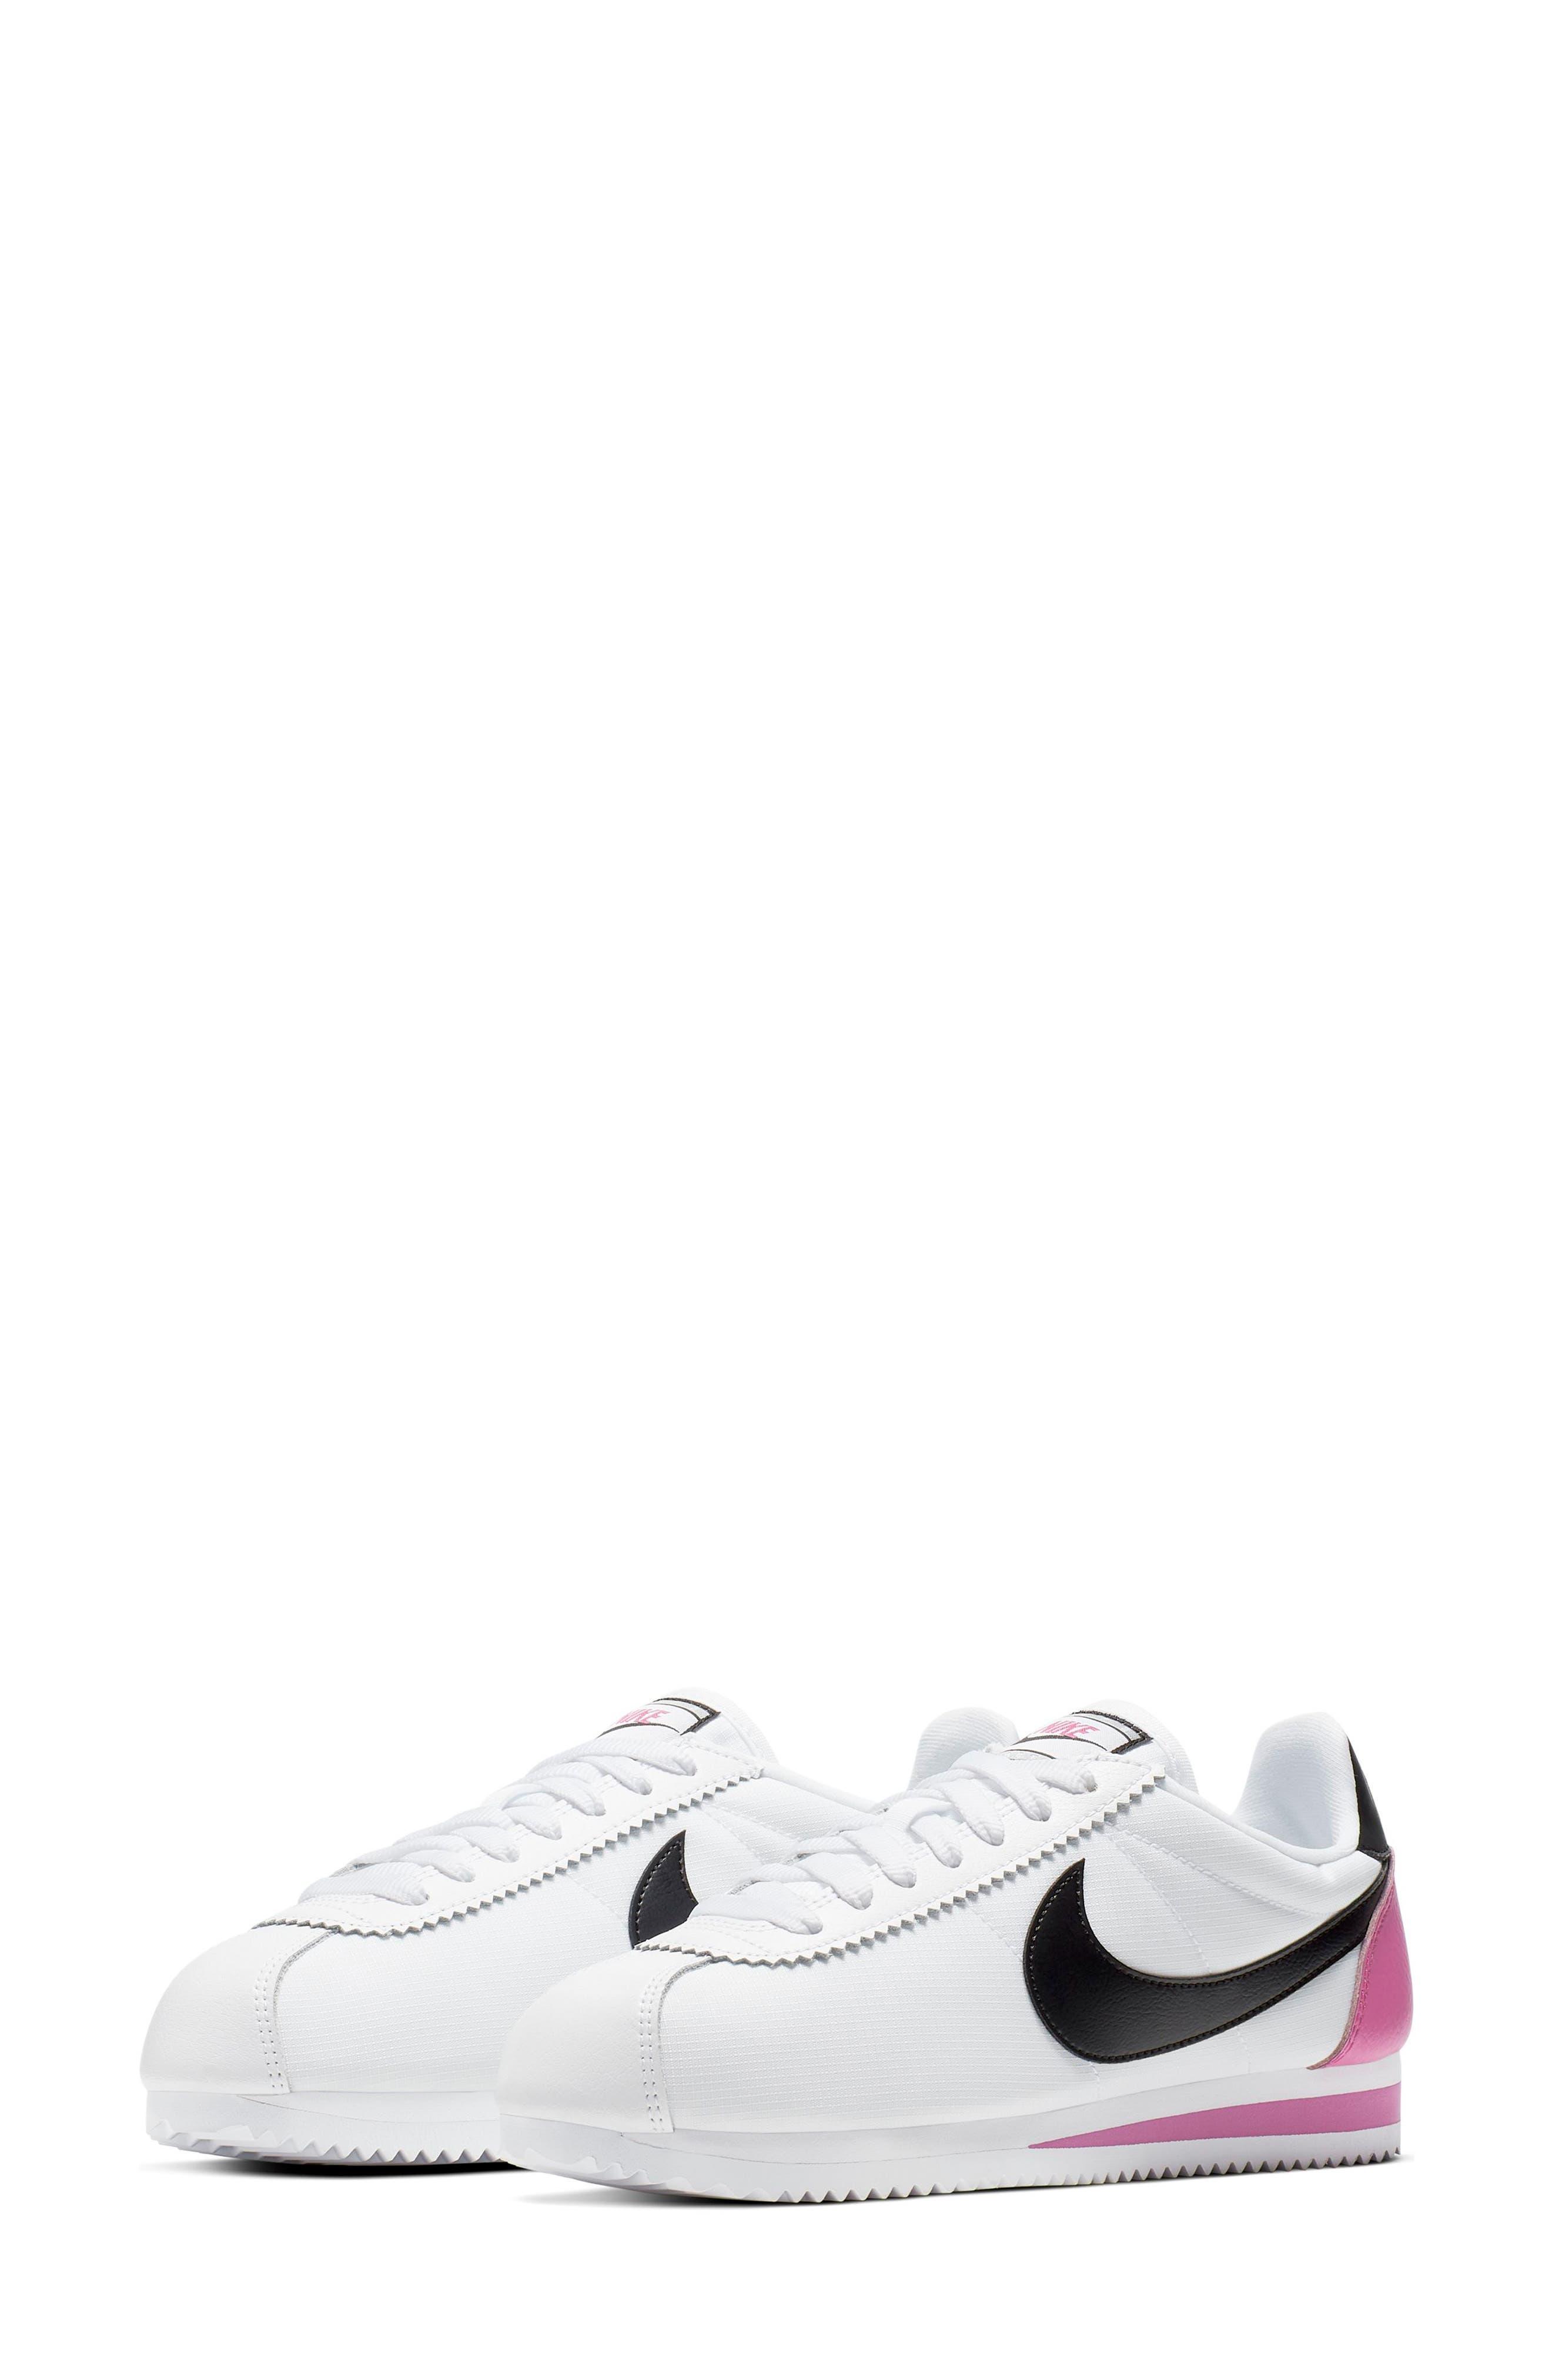 Nike | Classic Cortez Premium Shoe